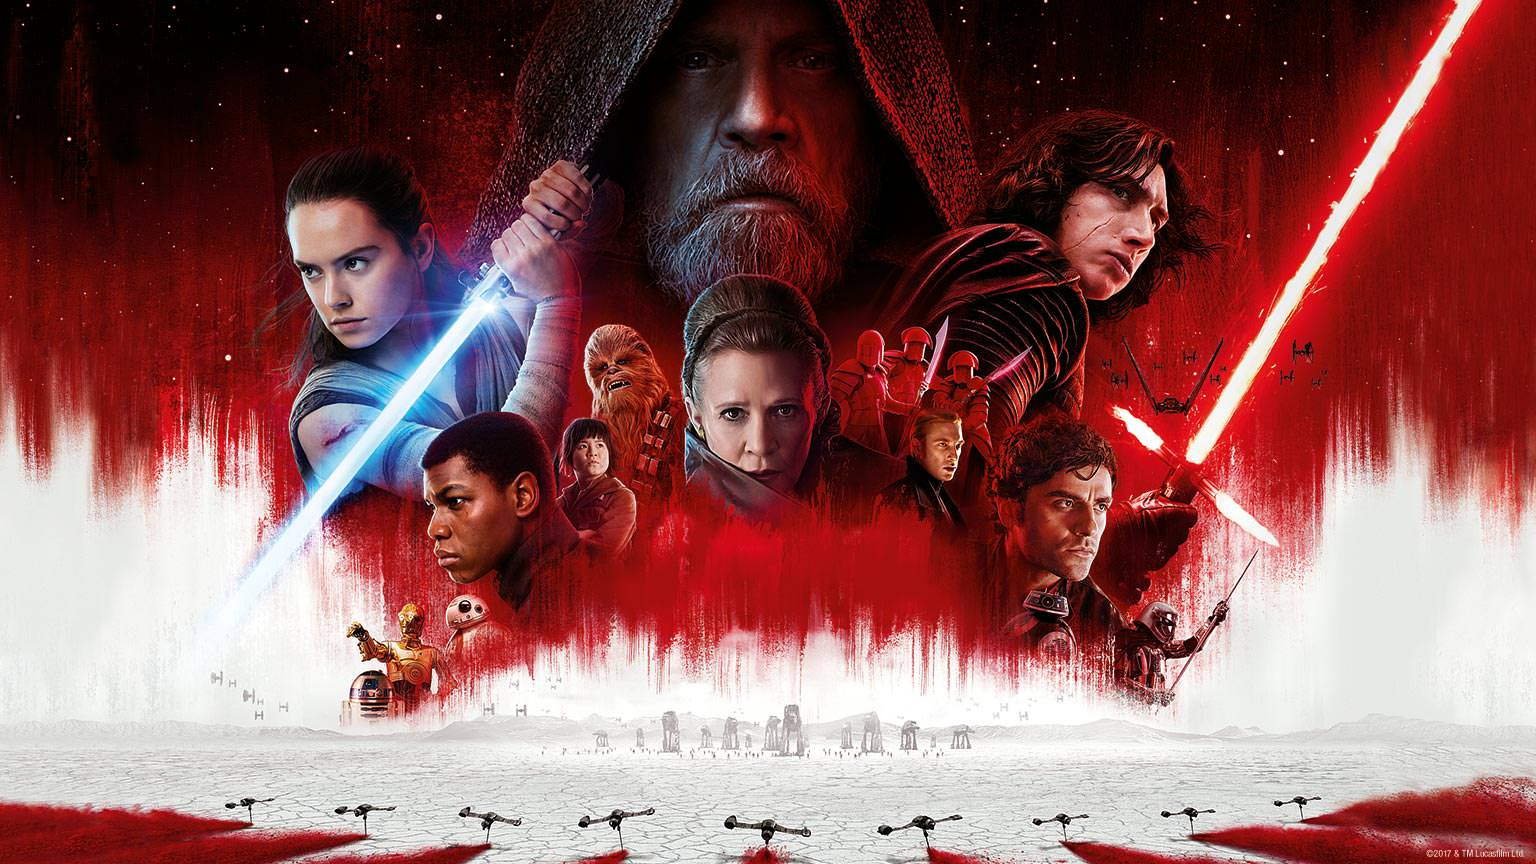 recensione rivelazioni star wars the last jedi reazioni world premiere